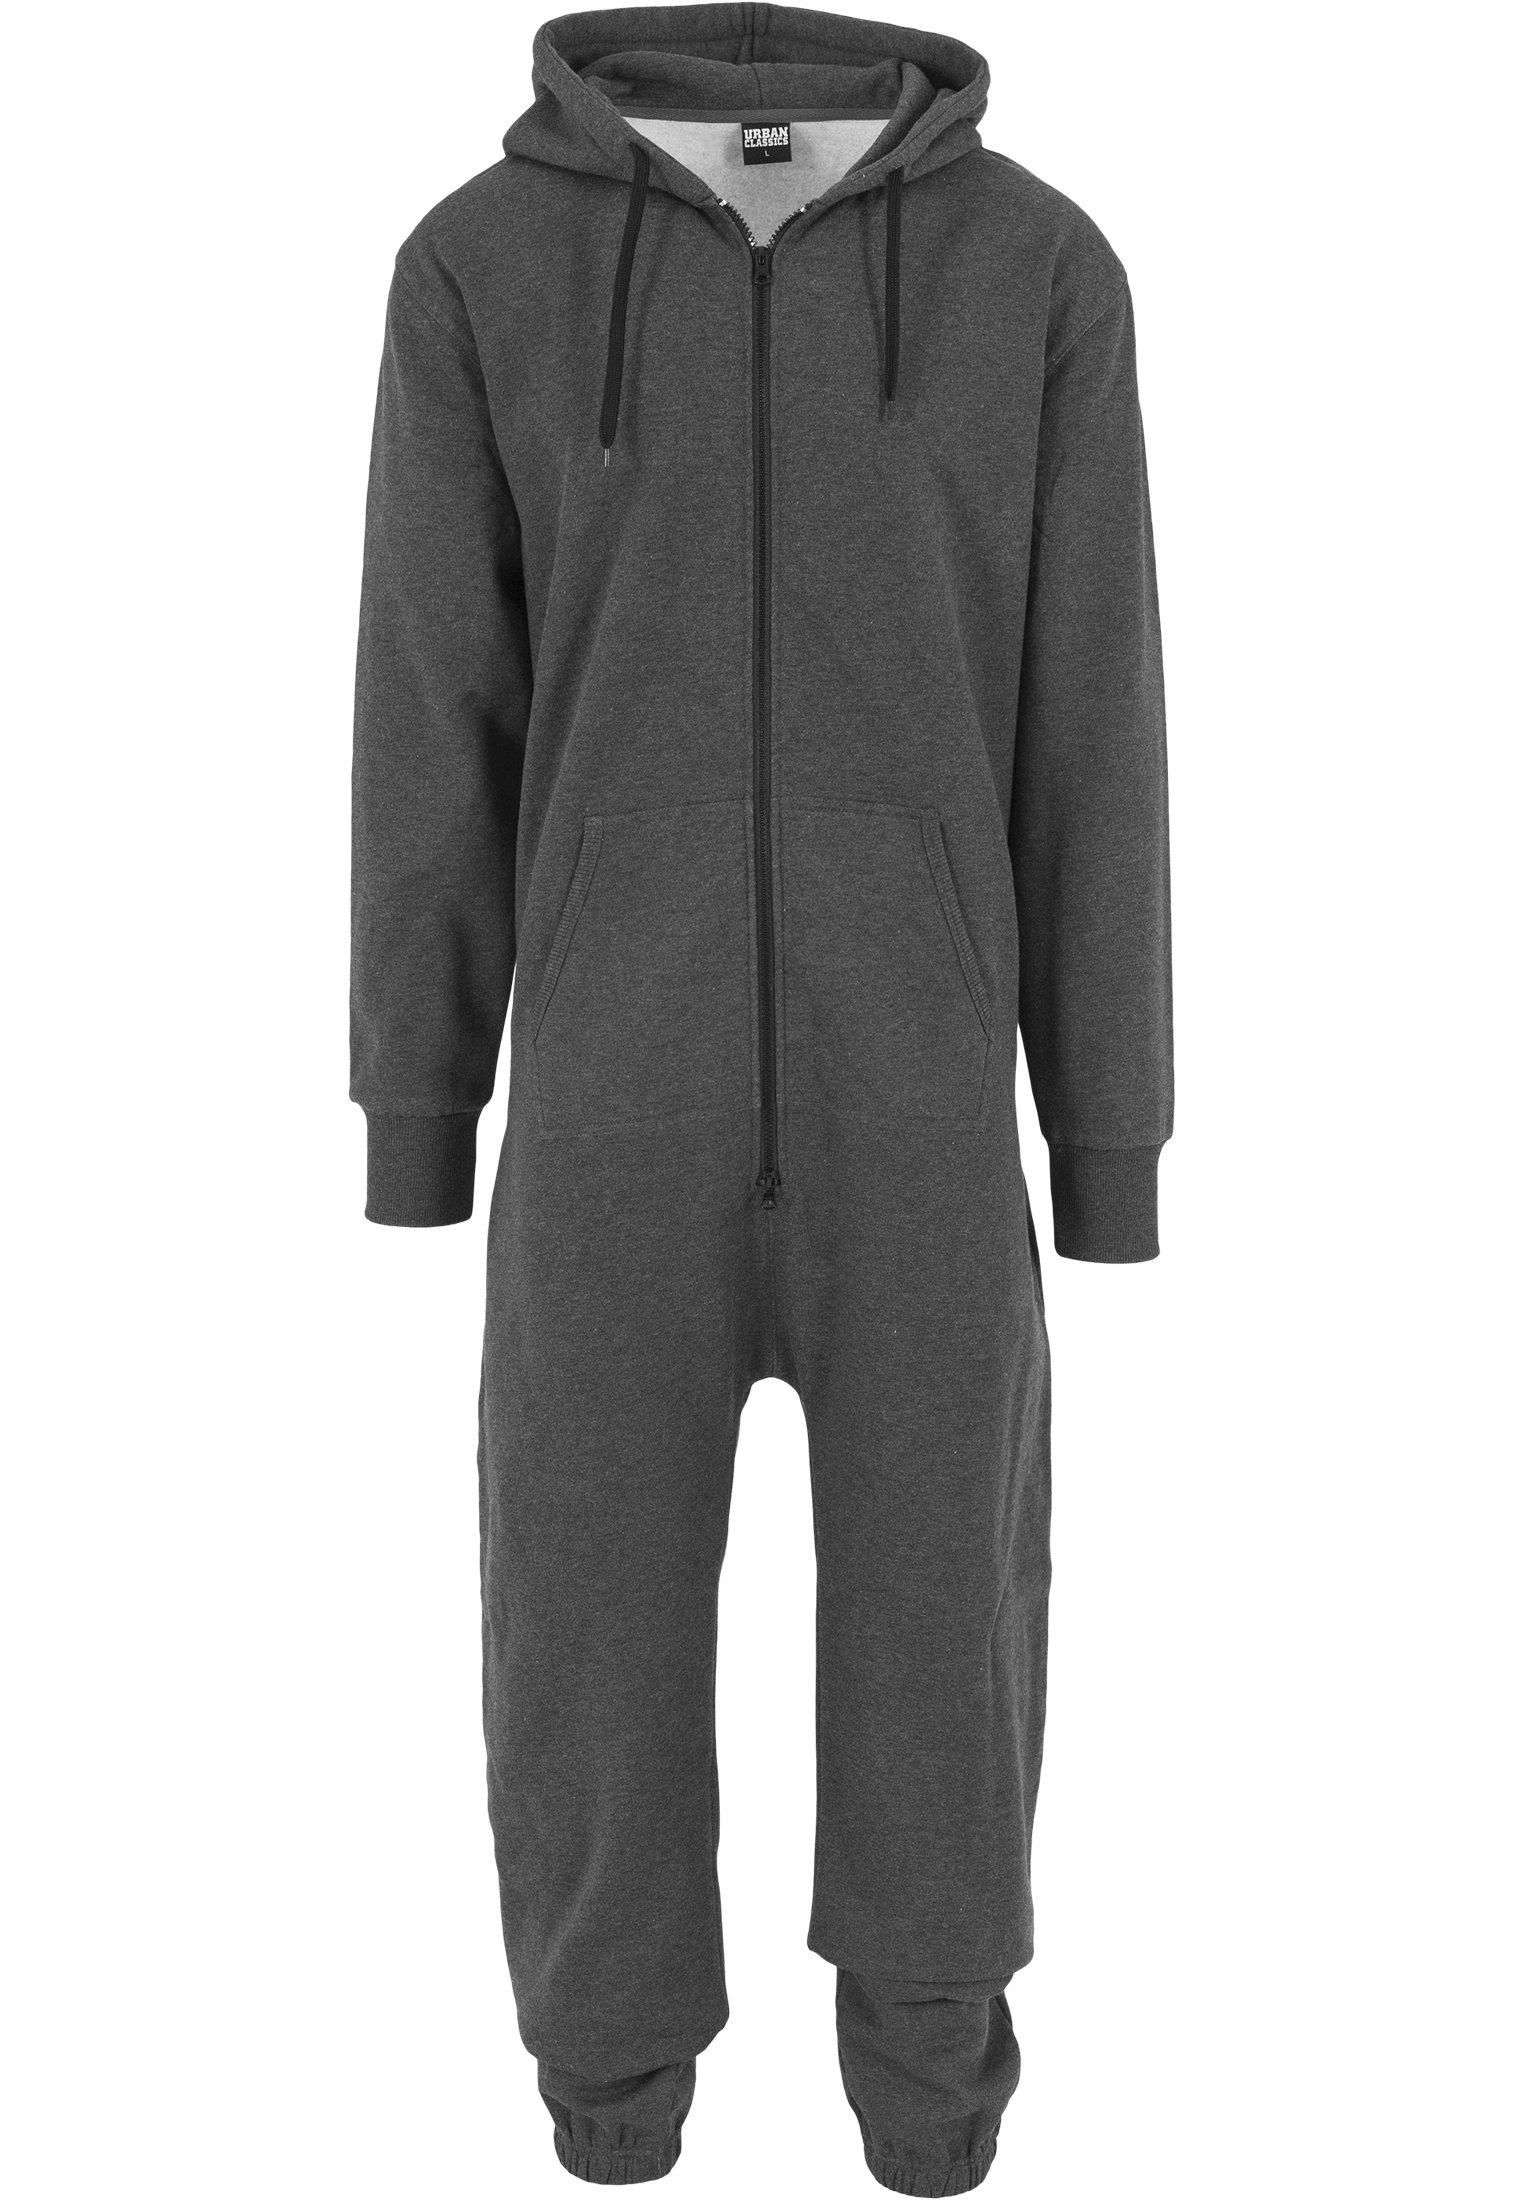 Combinaison jumpsuit homme URBAN CLASSICS gris anthracite urban classics-combi jumpsuit homme anthracite/black